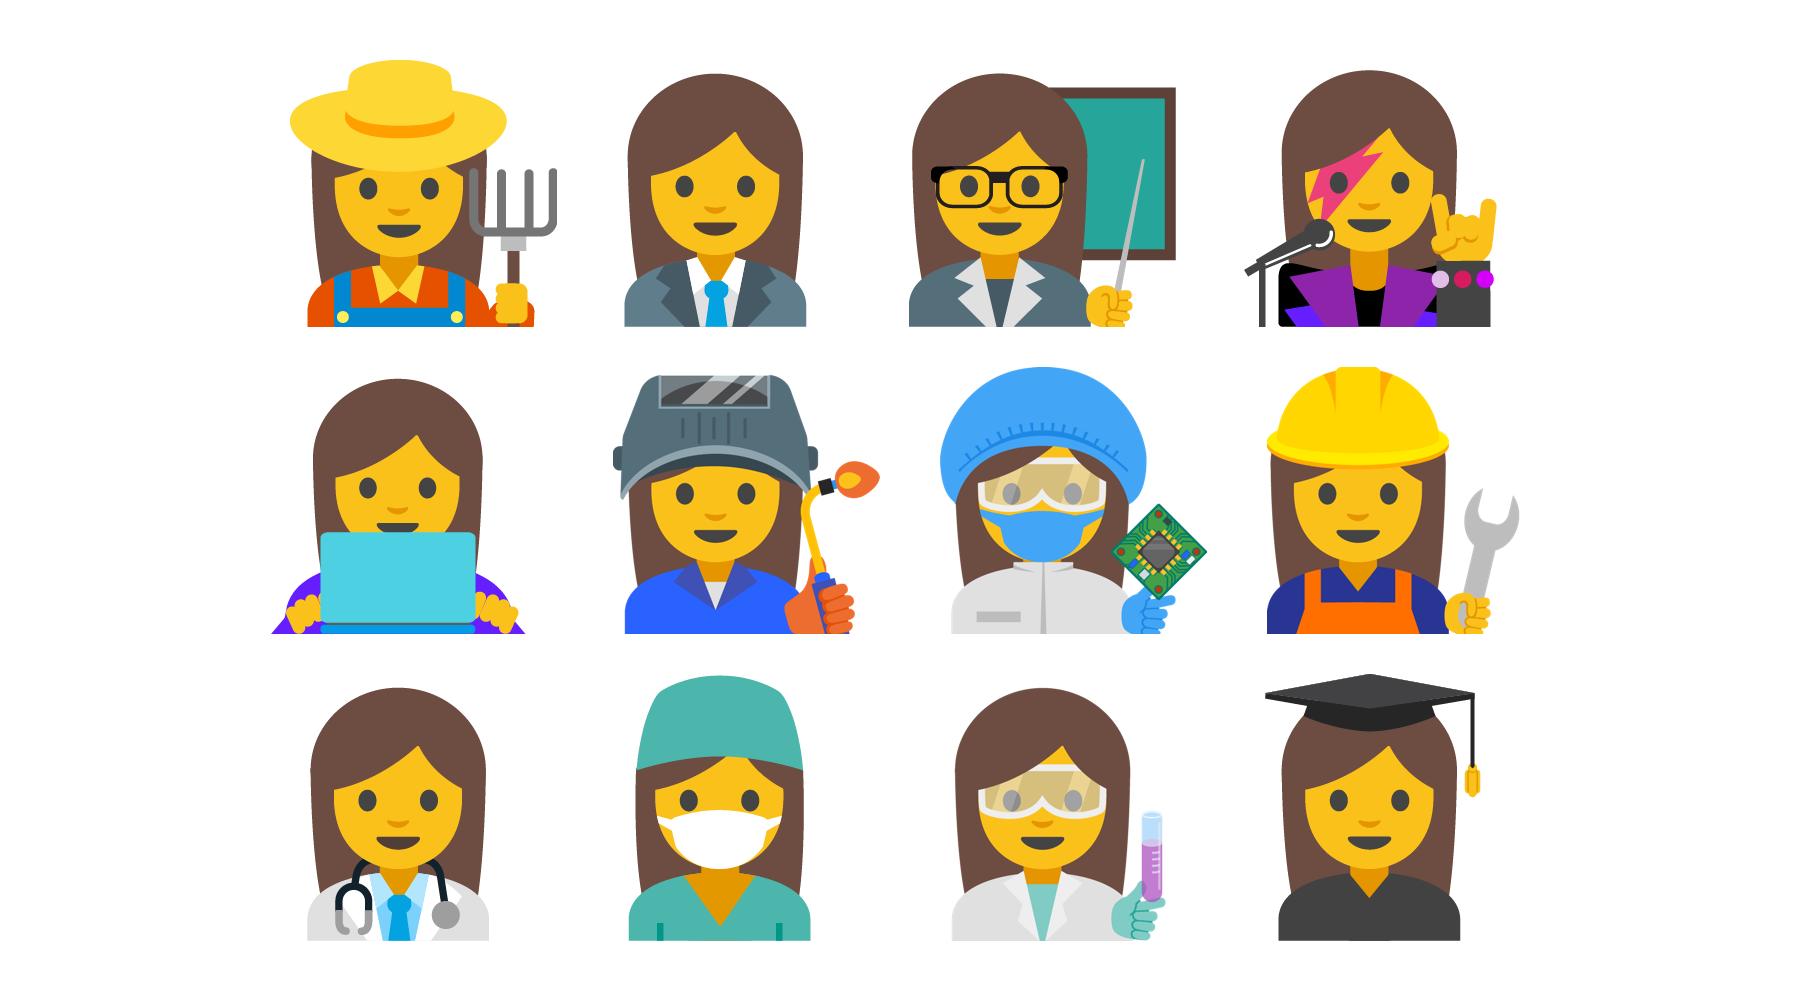 The proposed emoji update.